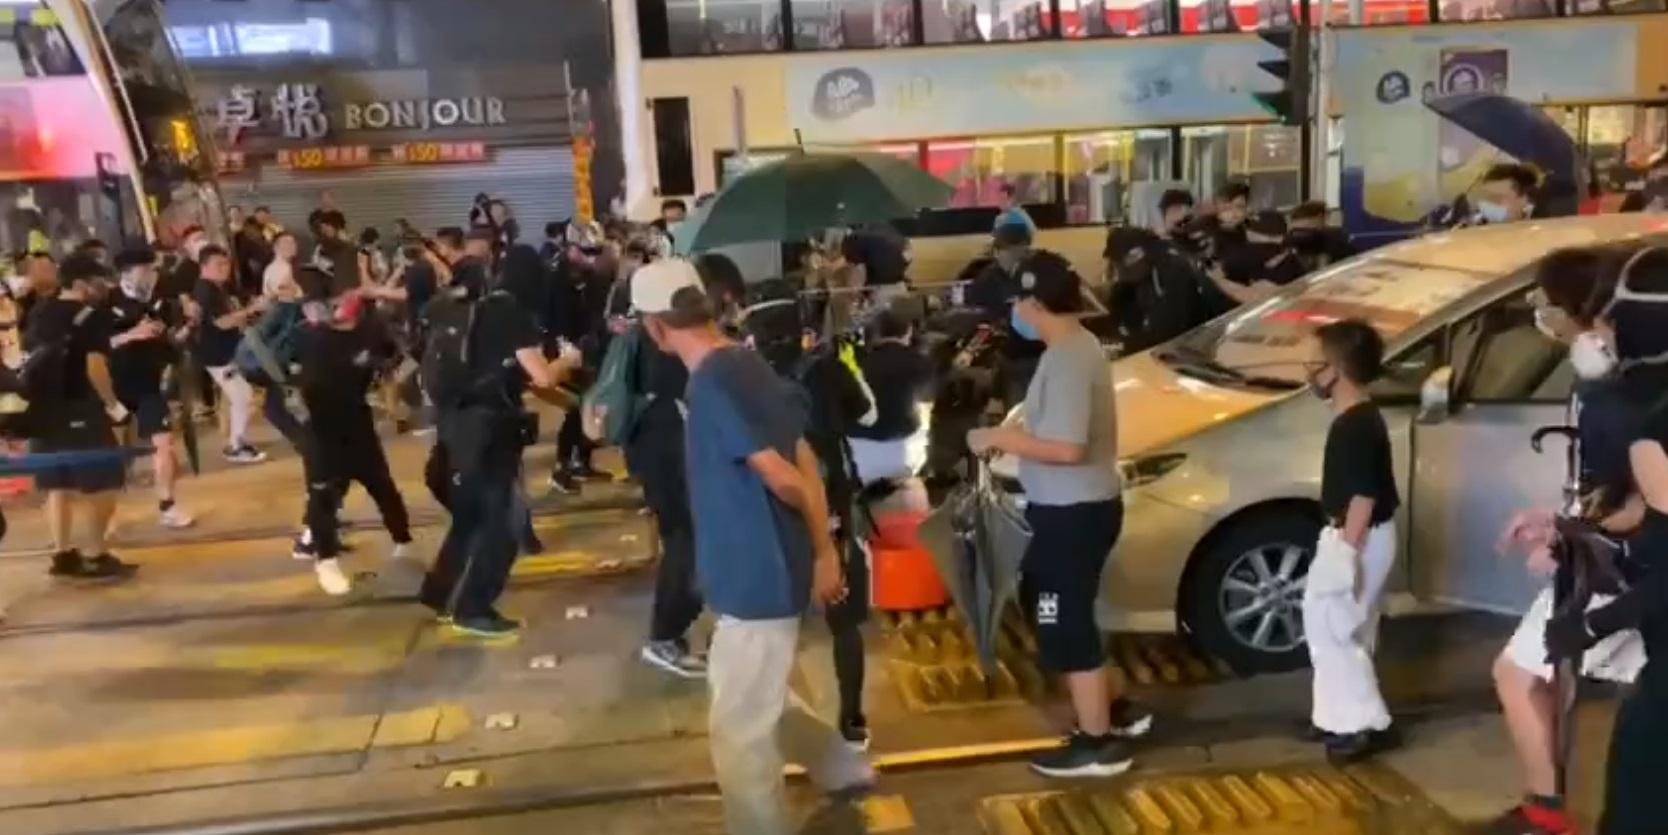 【修例风波】元朗休班警被掷汽油弹 开实弹枪驱散疑击中一名示威者